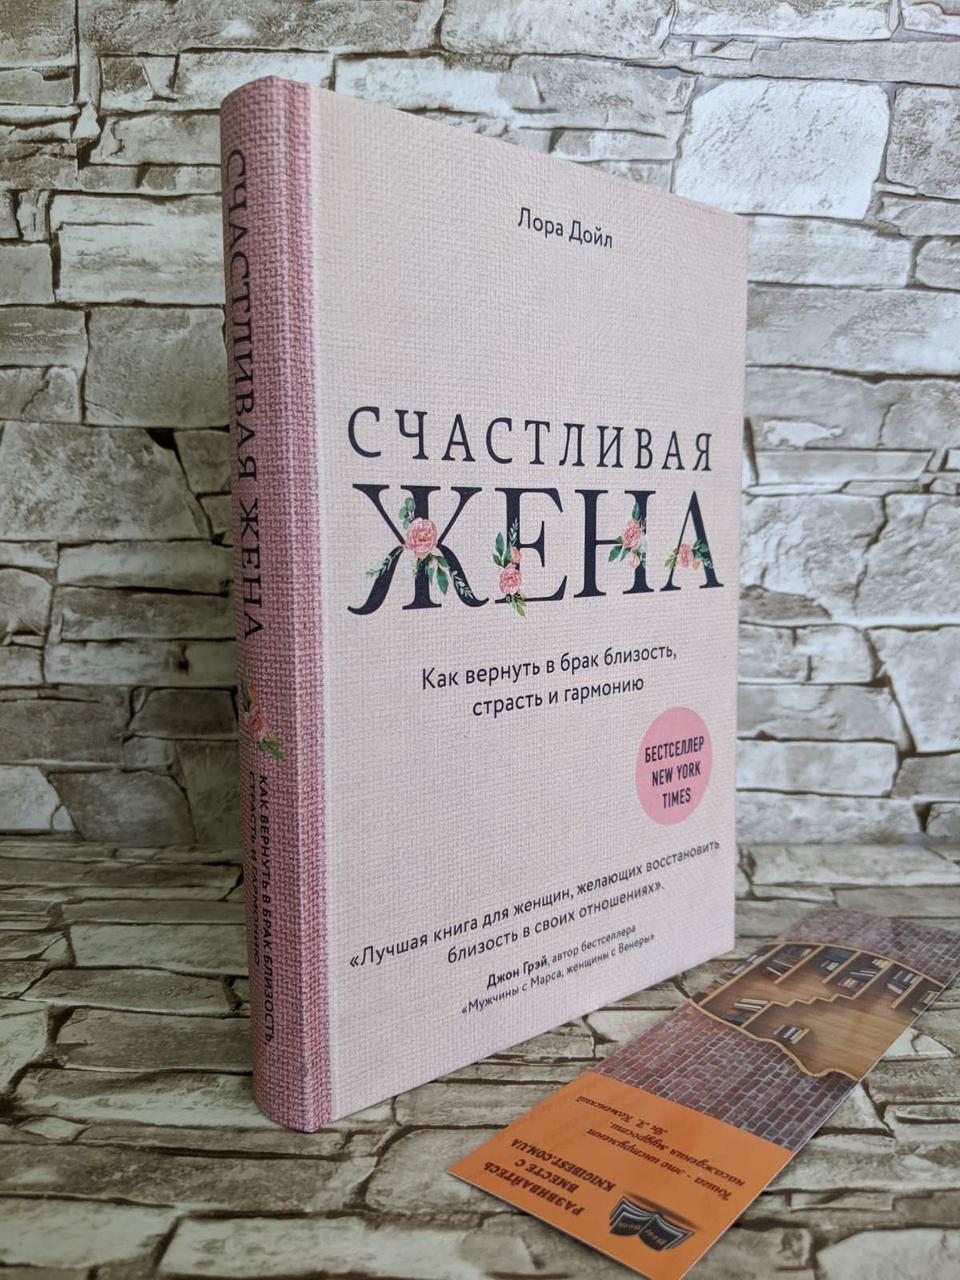 """Книга """"Счастливая жена. Как вернуть в брак близость, страсть и гармонию"""" Лора Дойл ТВ"""